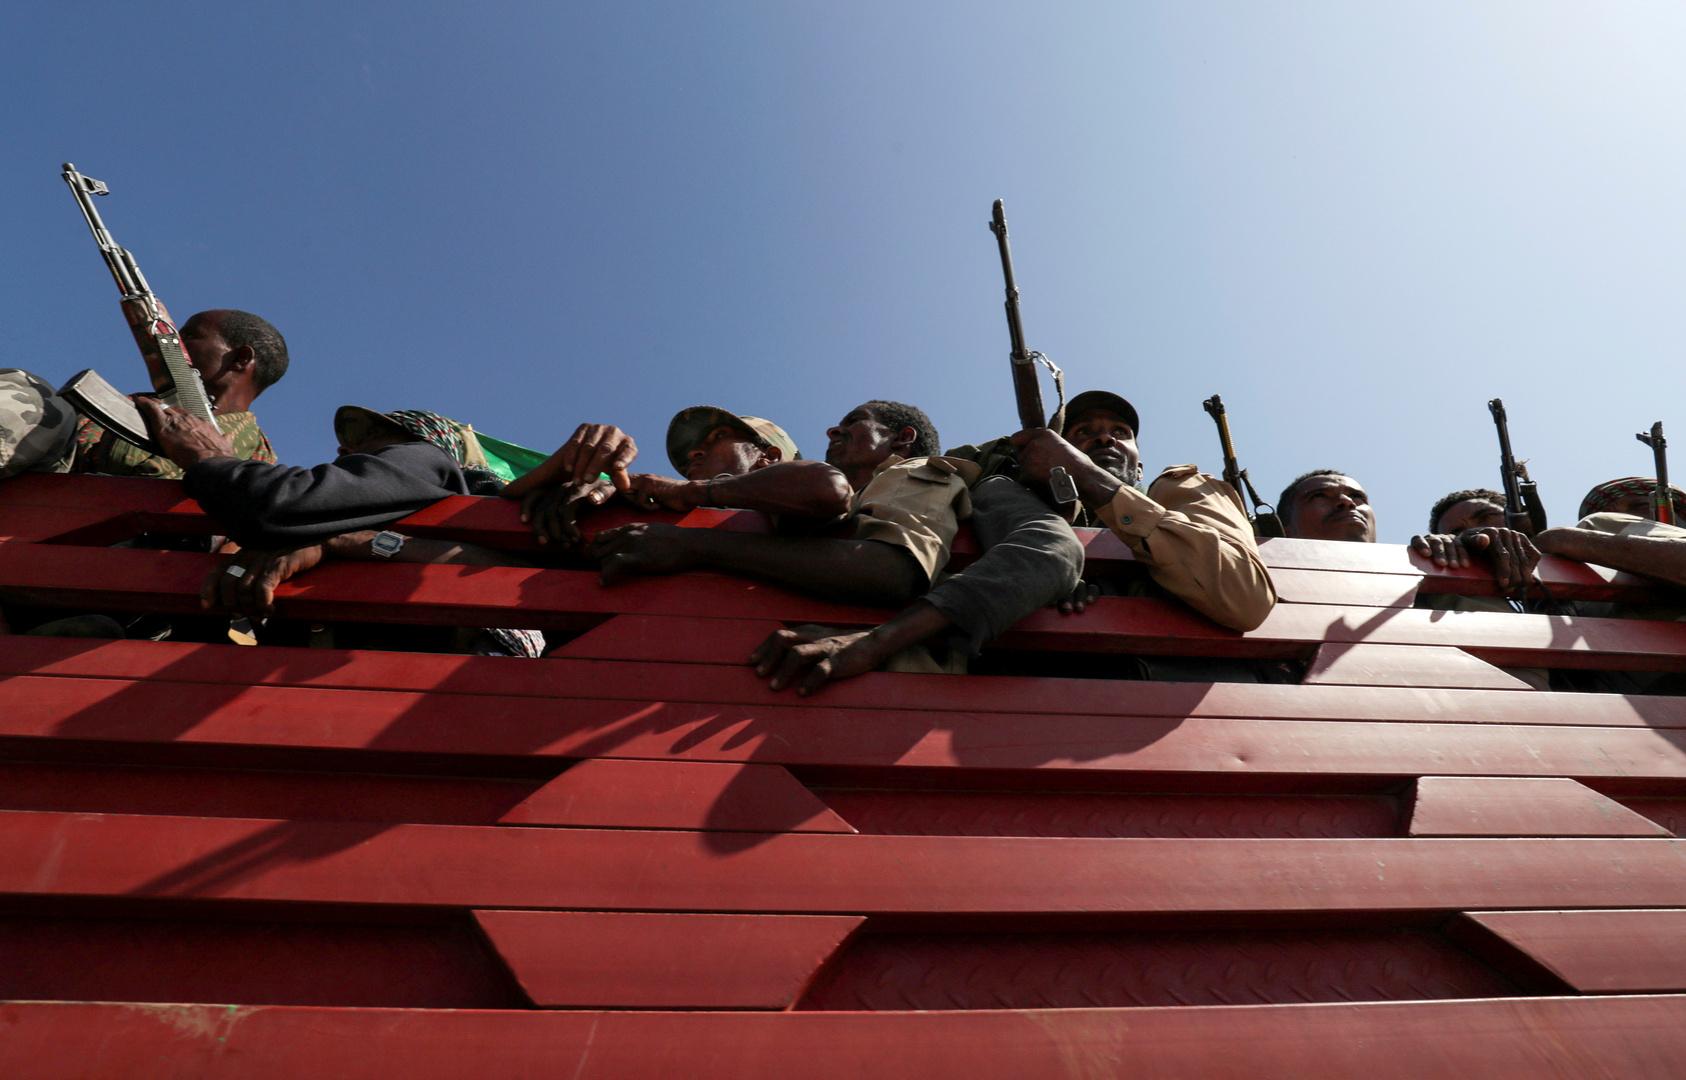 بالفيديو.. القوات الانفصالية الإثيوبية تكذب رئيس الحكومة وتعرض جيشا من الأسرى